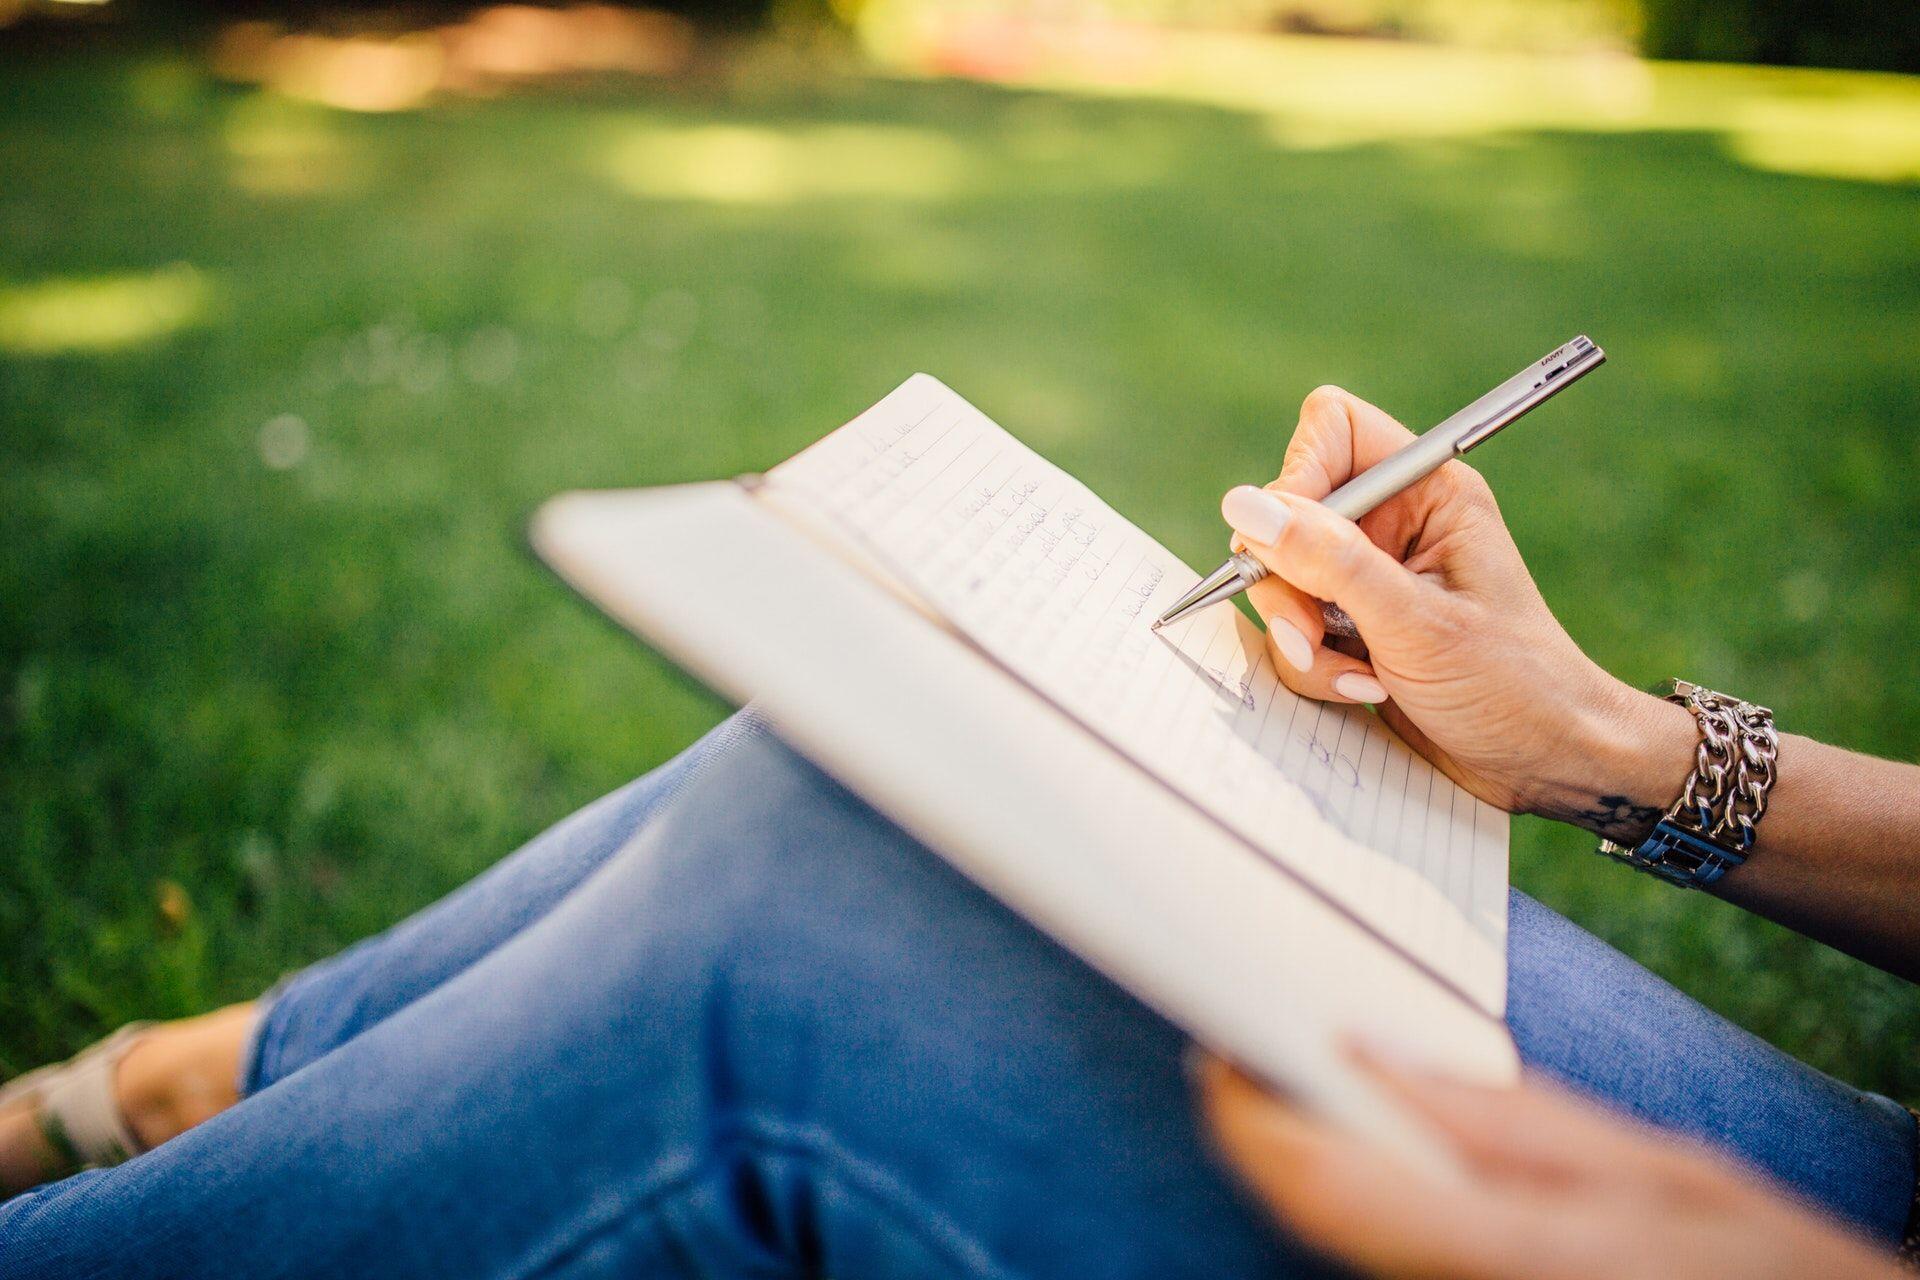 Wajib Coba! 6 Tips Selesaikan Tugas Kuliah Agar Minim Begadang